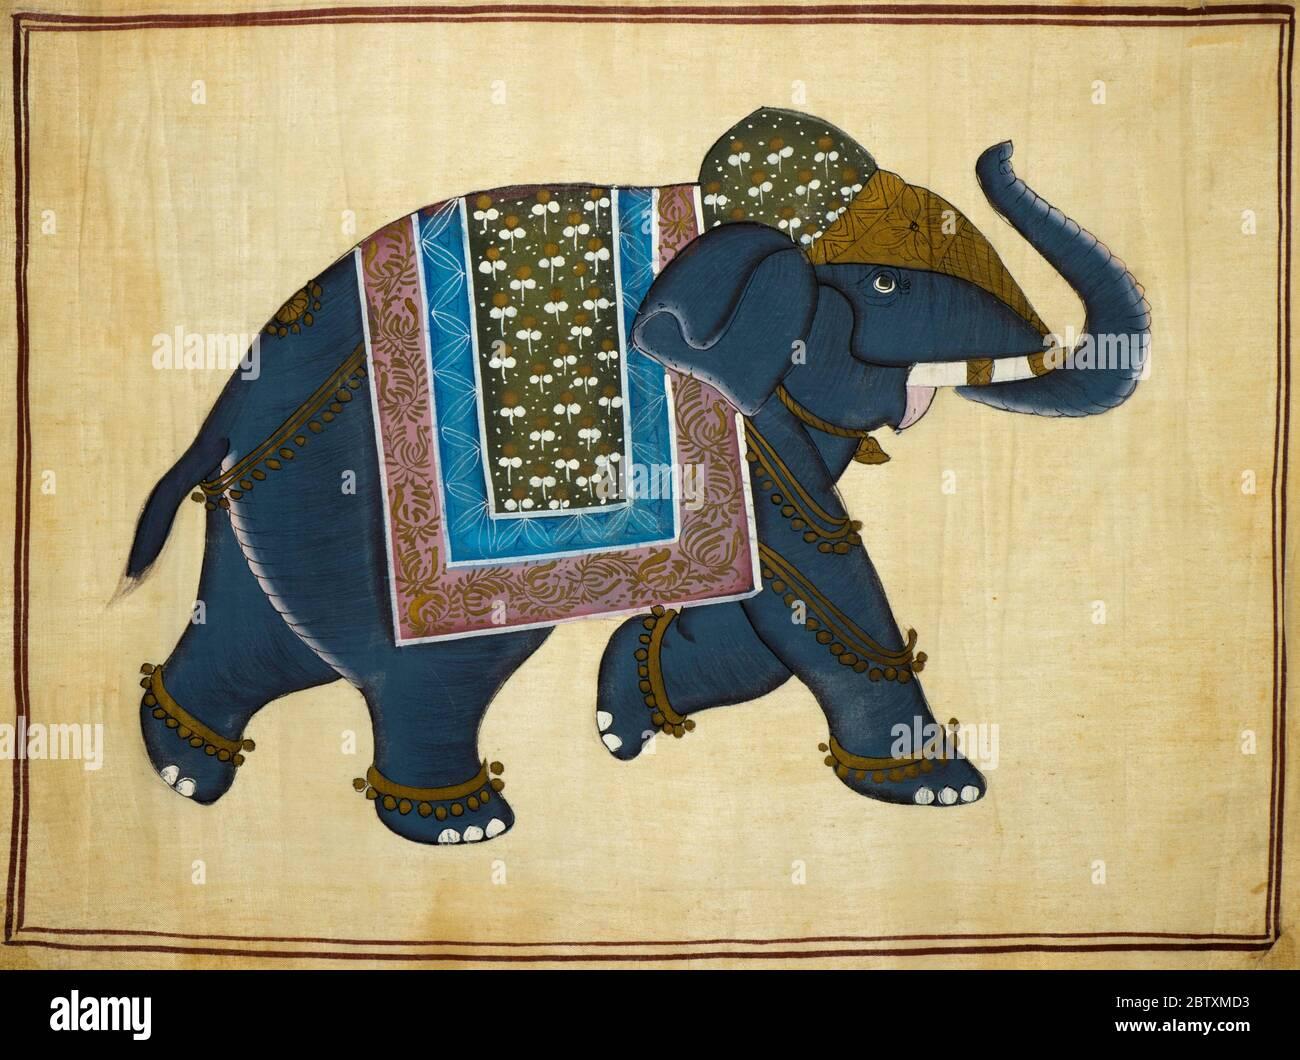 Éléphant peint à la main sur tissu de coton, peinture traditionnelle farcie, cachemire, Inde Banque D'Images